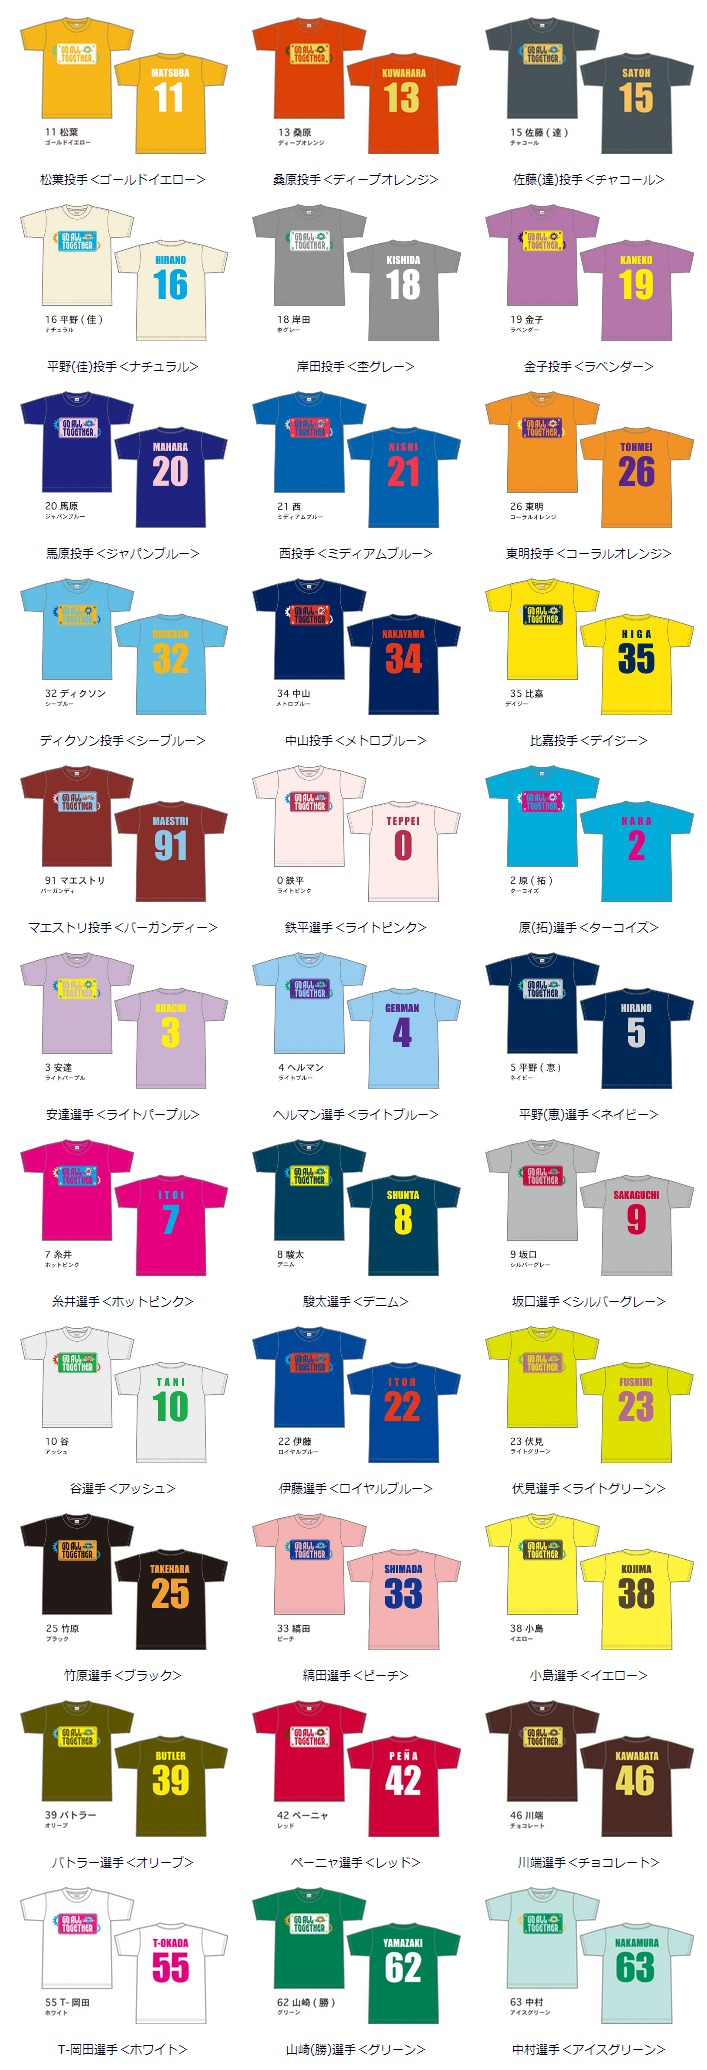 選手会プロデュースデーTシャツ発売! オリックス・バファローズ オフィシャルサイト